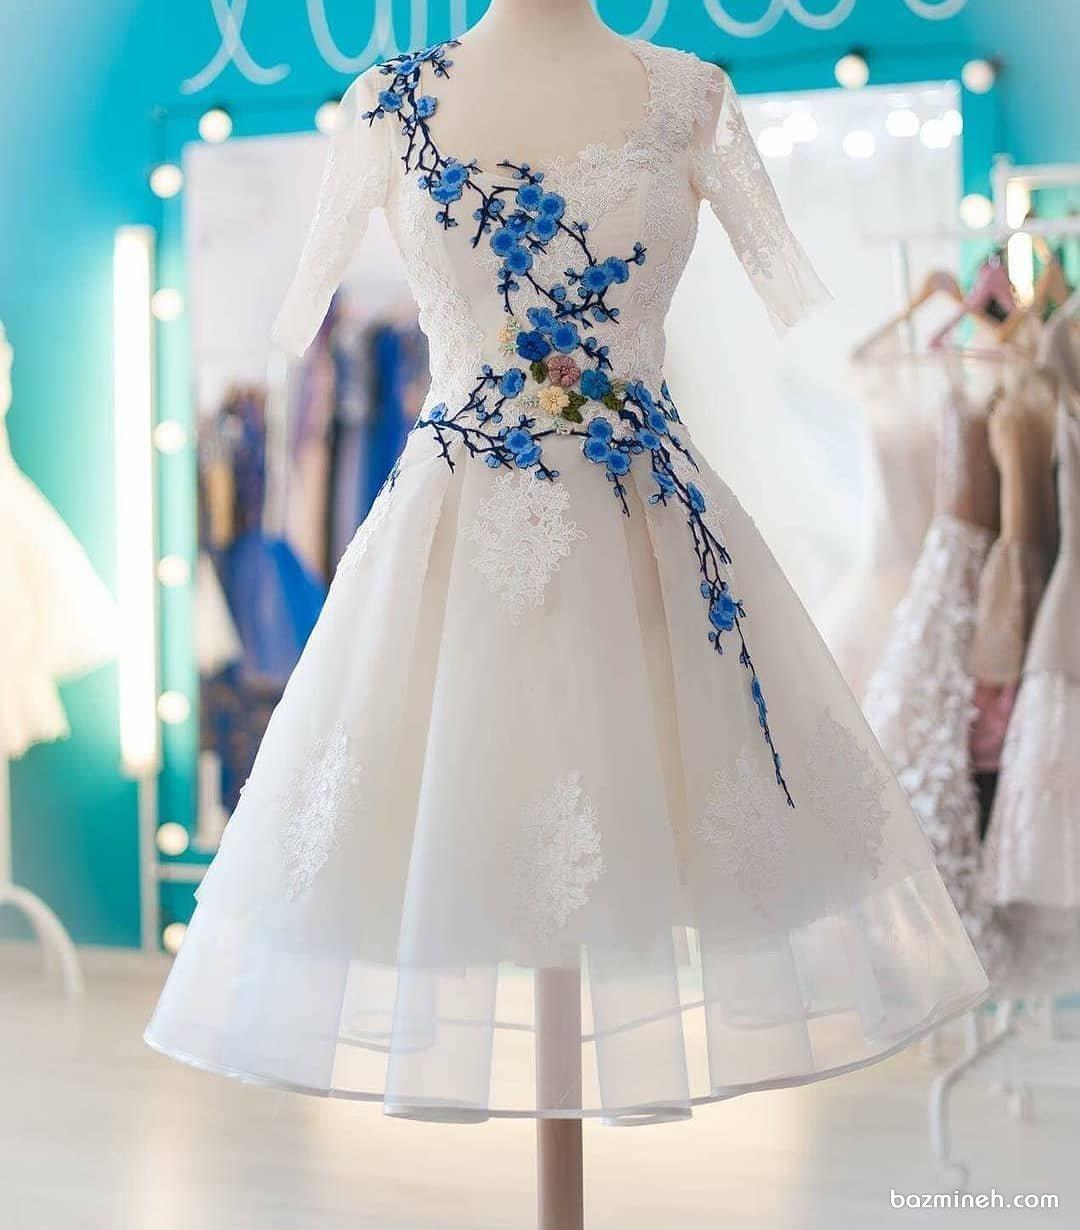 لباس مجلسی دخترونه با دامن پفی و آستین های کوتاه گلدوزی شده